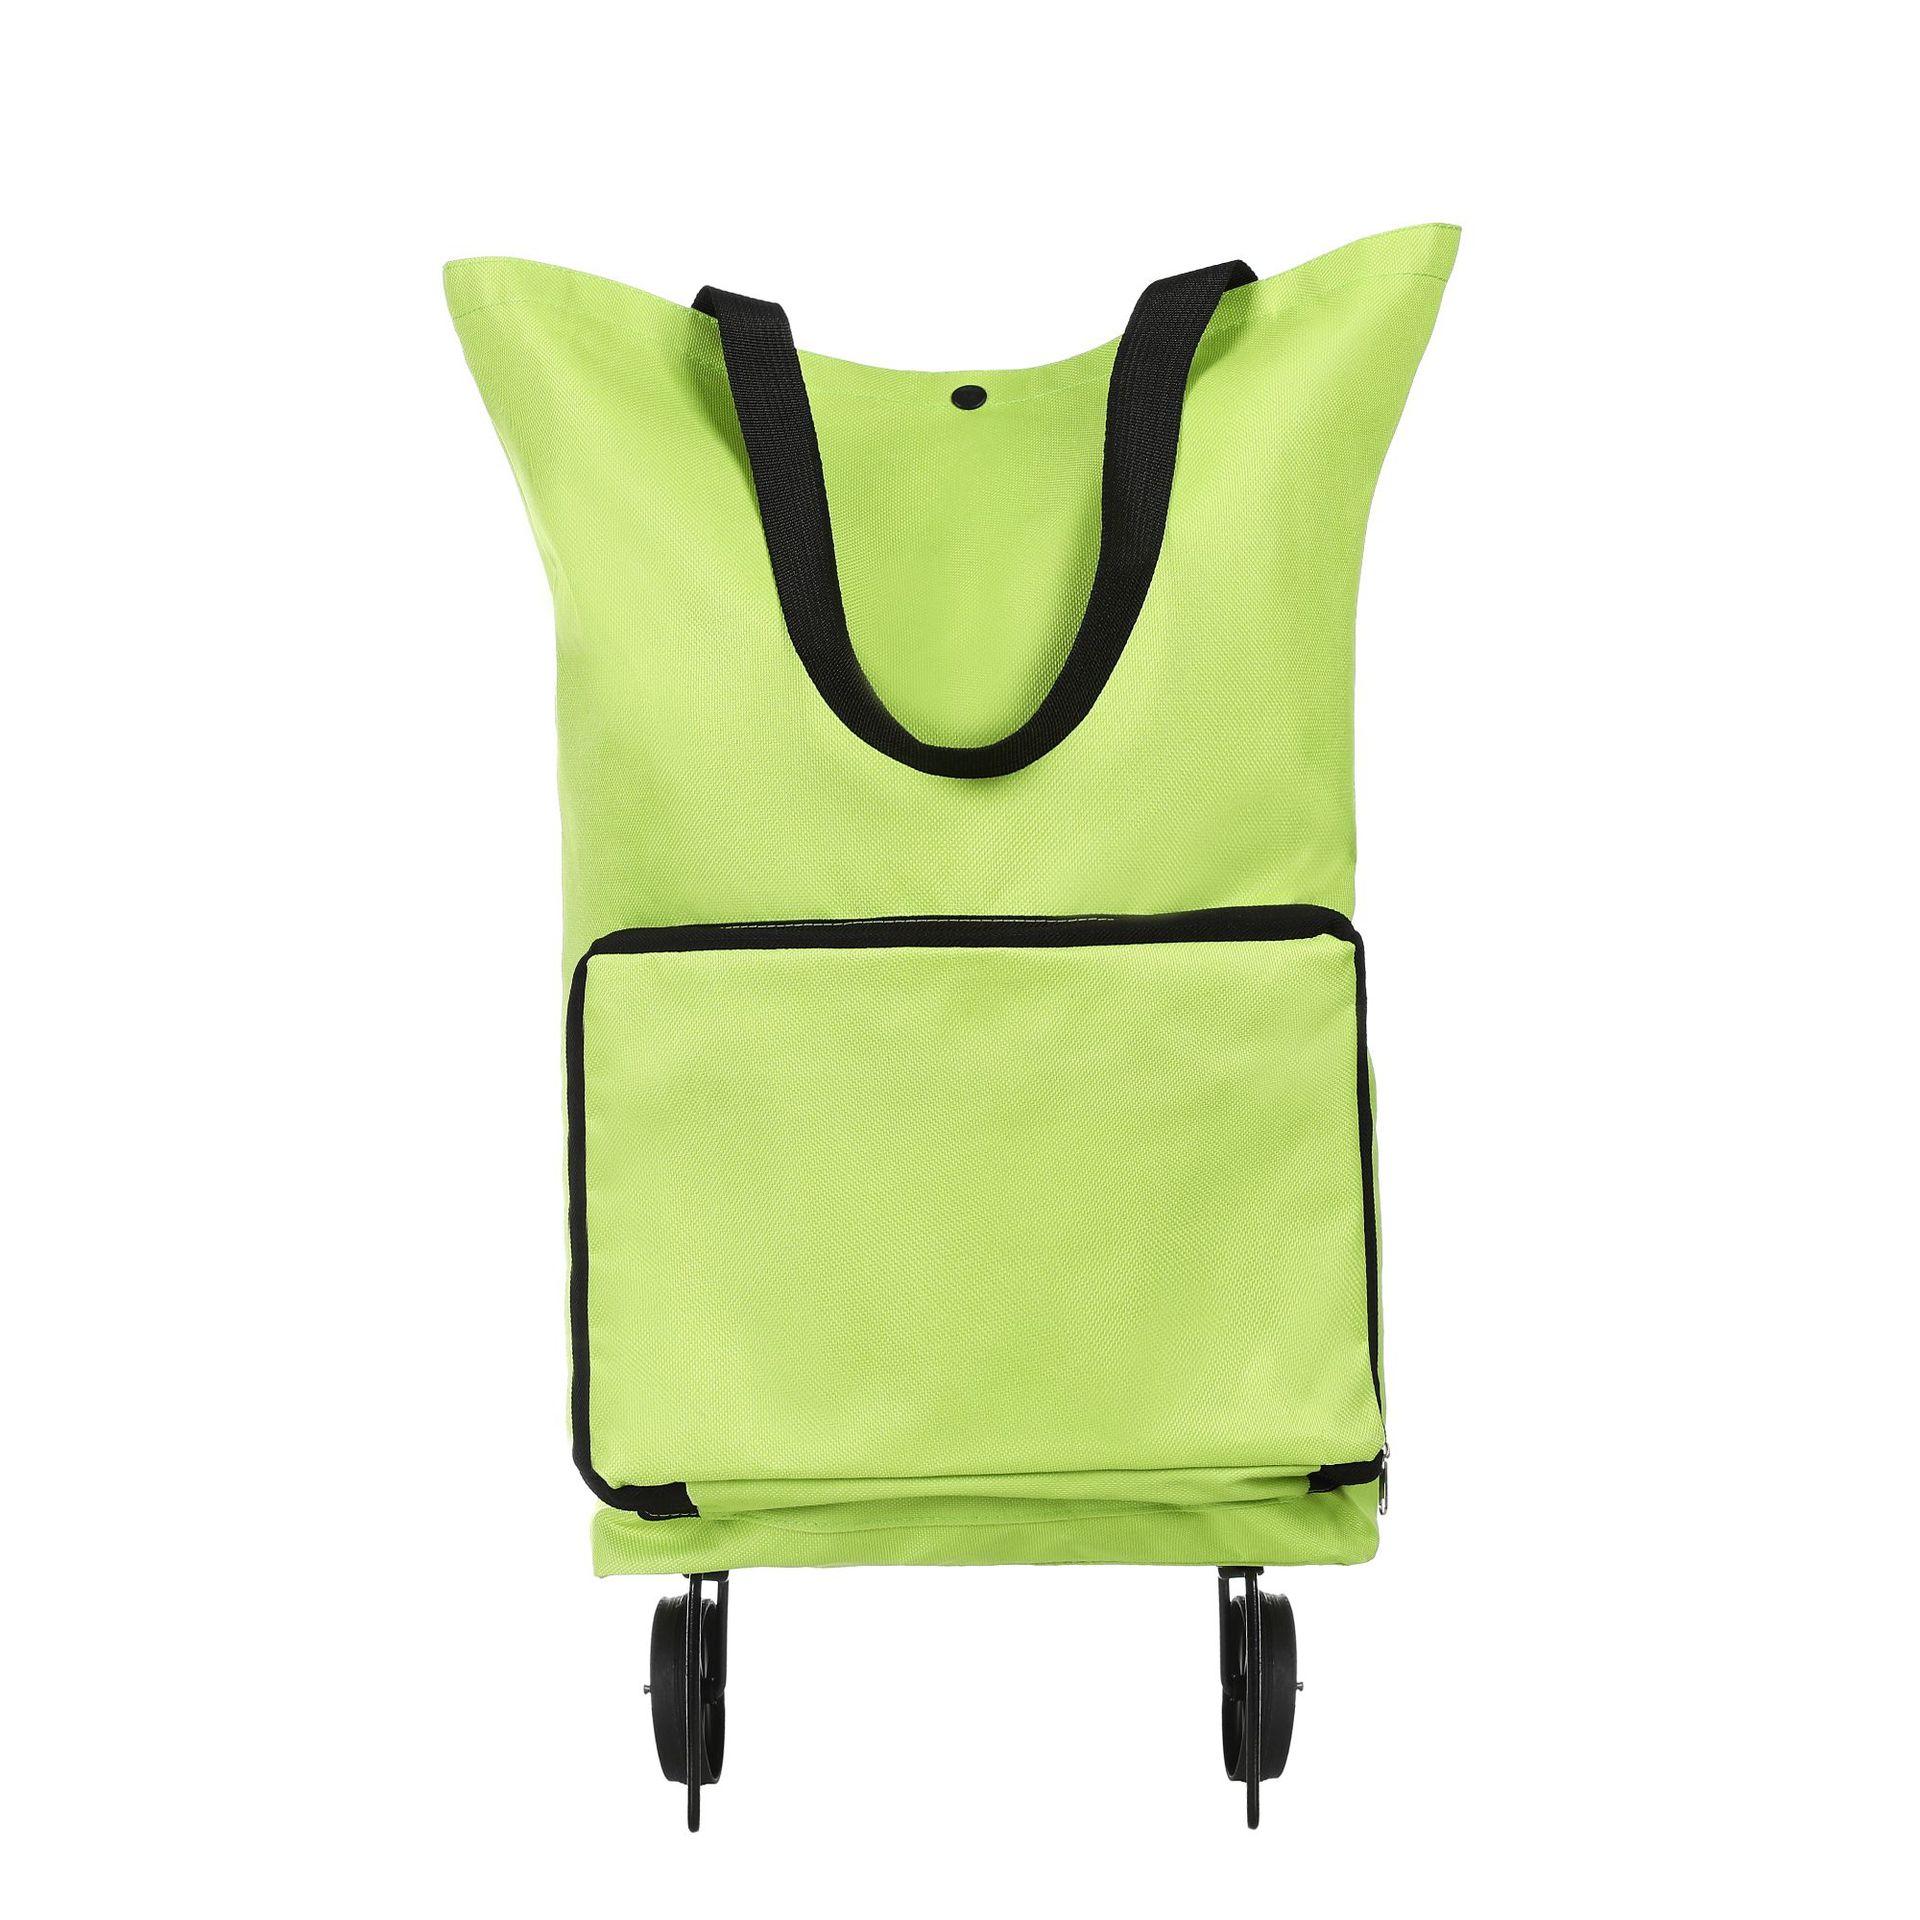 Оптовая продажа, Бытовая Складная Тележка из полиэстера для путешествий, багажа, тележка для супермаркета с колесами